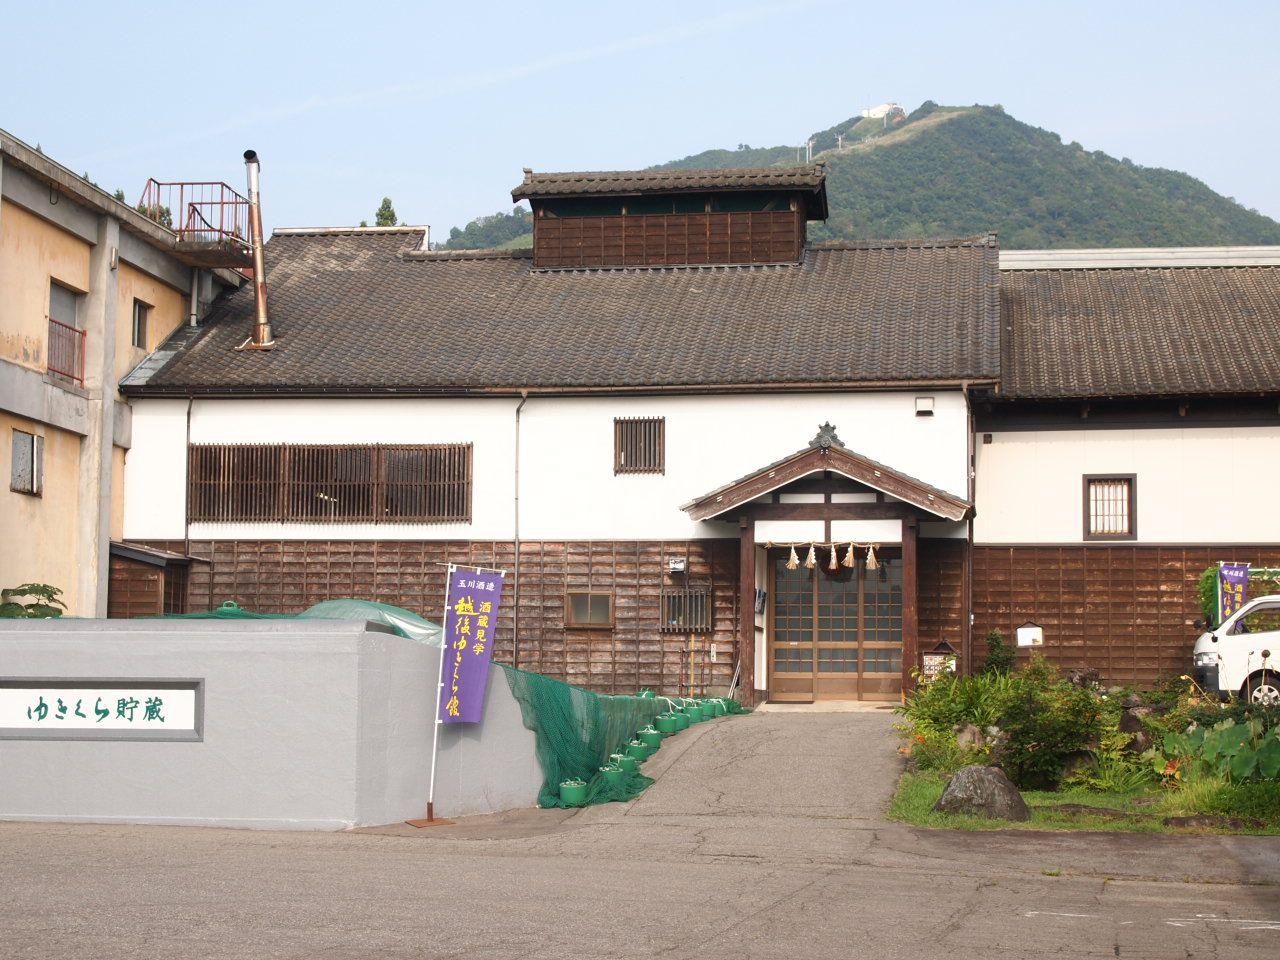 米どころは酒どころ!新潟観光で「日本酒」を楽しもう